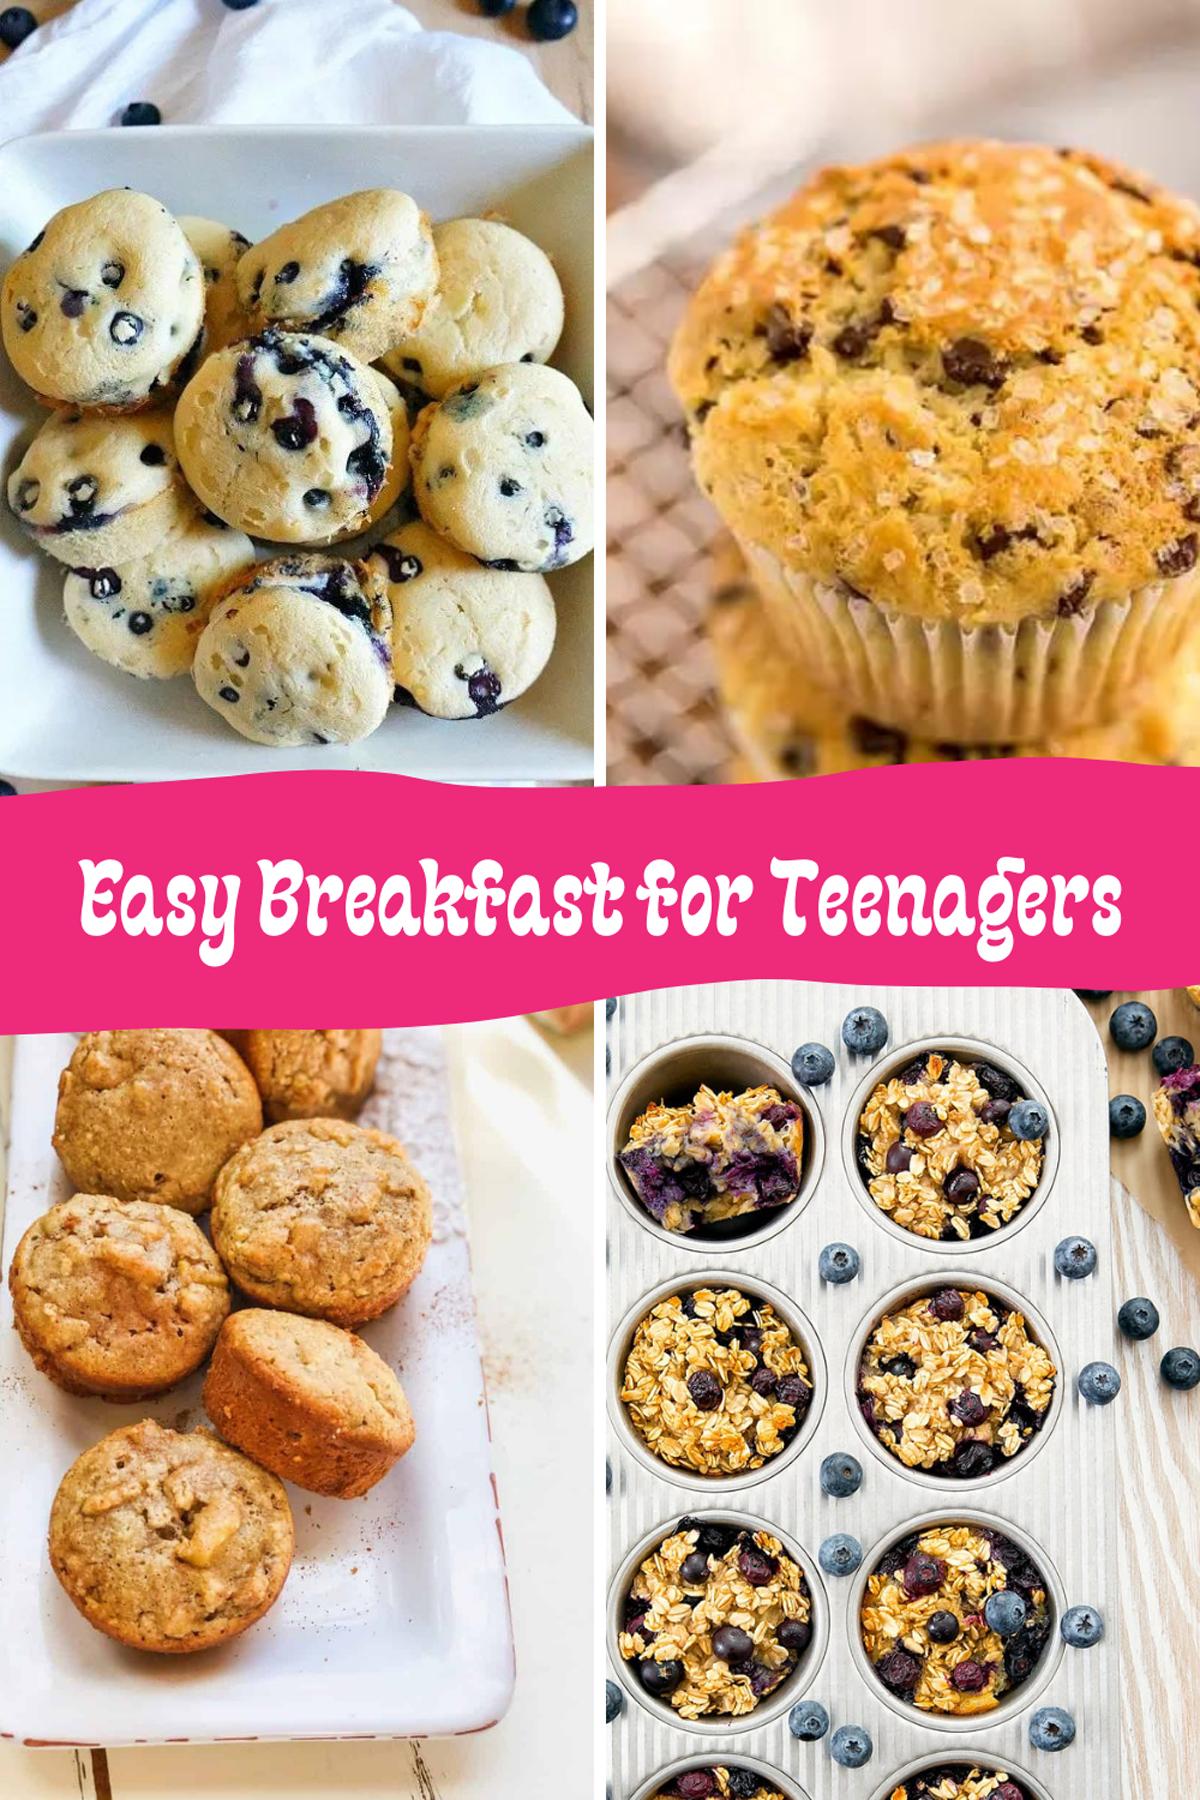 Easy Breakfast Ideas for Teens